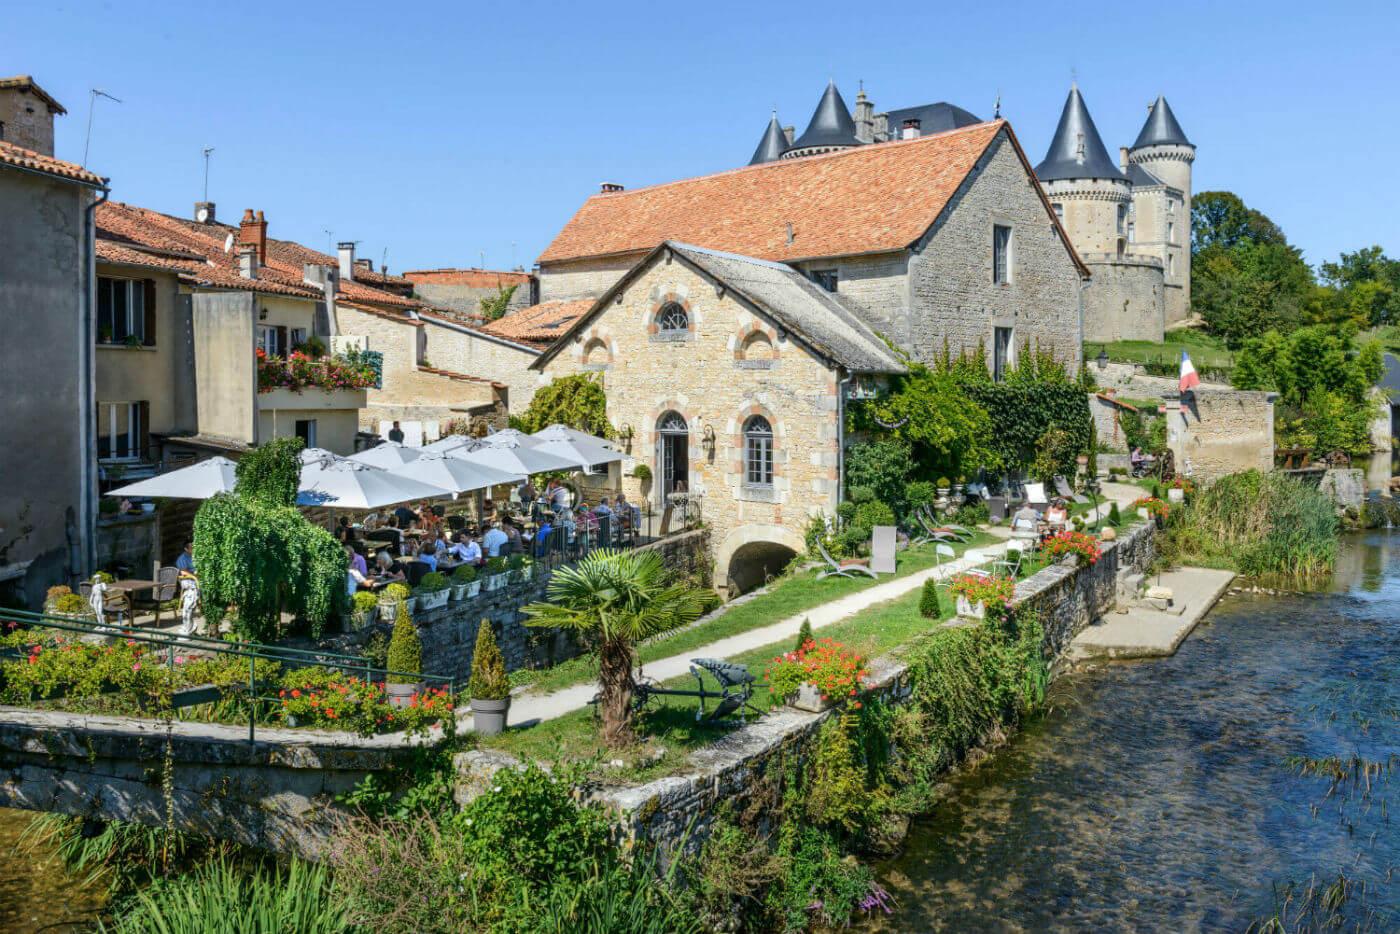 Château of the Count of La Rochefoucauld @scharbeau